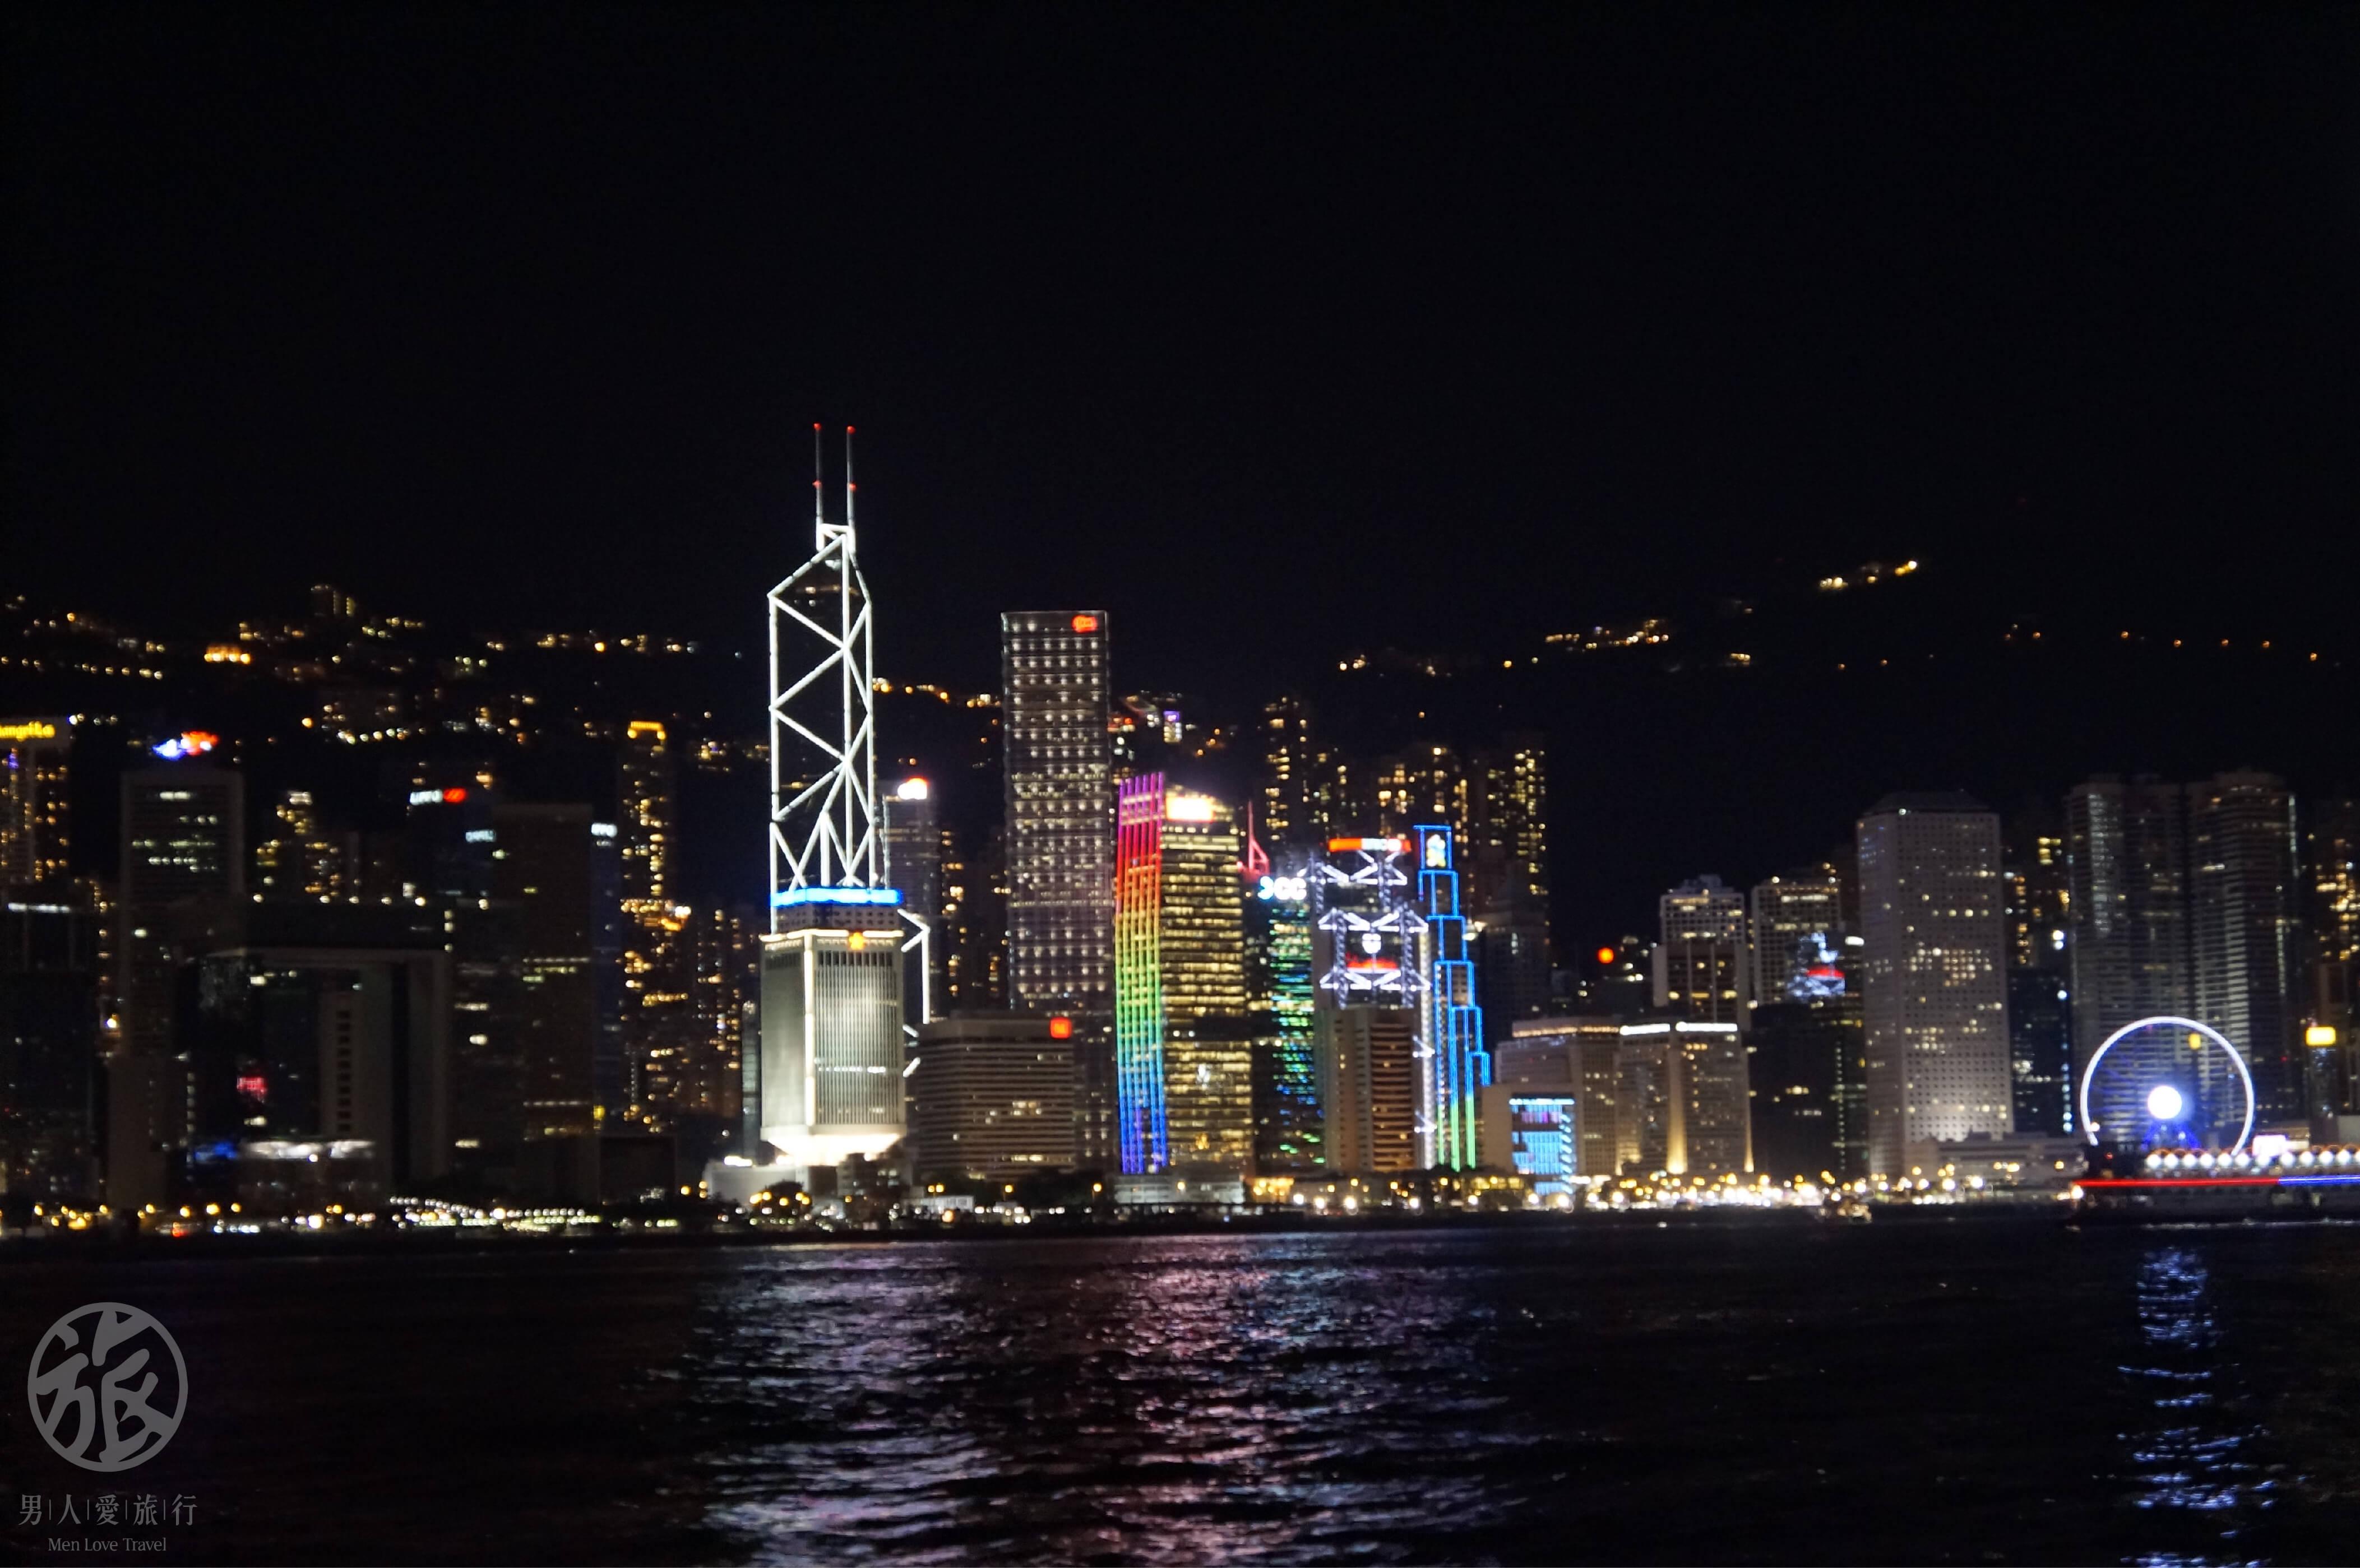 華 燈 點 亮 了 香 港 的 夜 、 從 海 上 看 將 是 不 一 樣 的 香 港